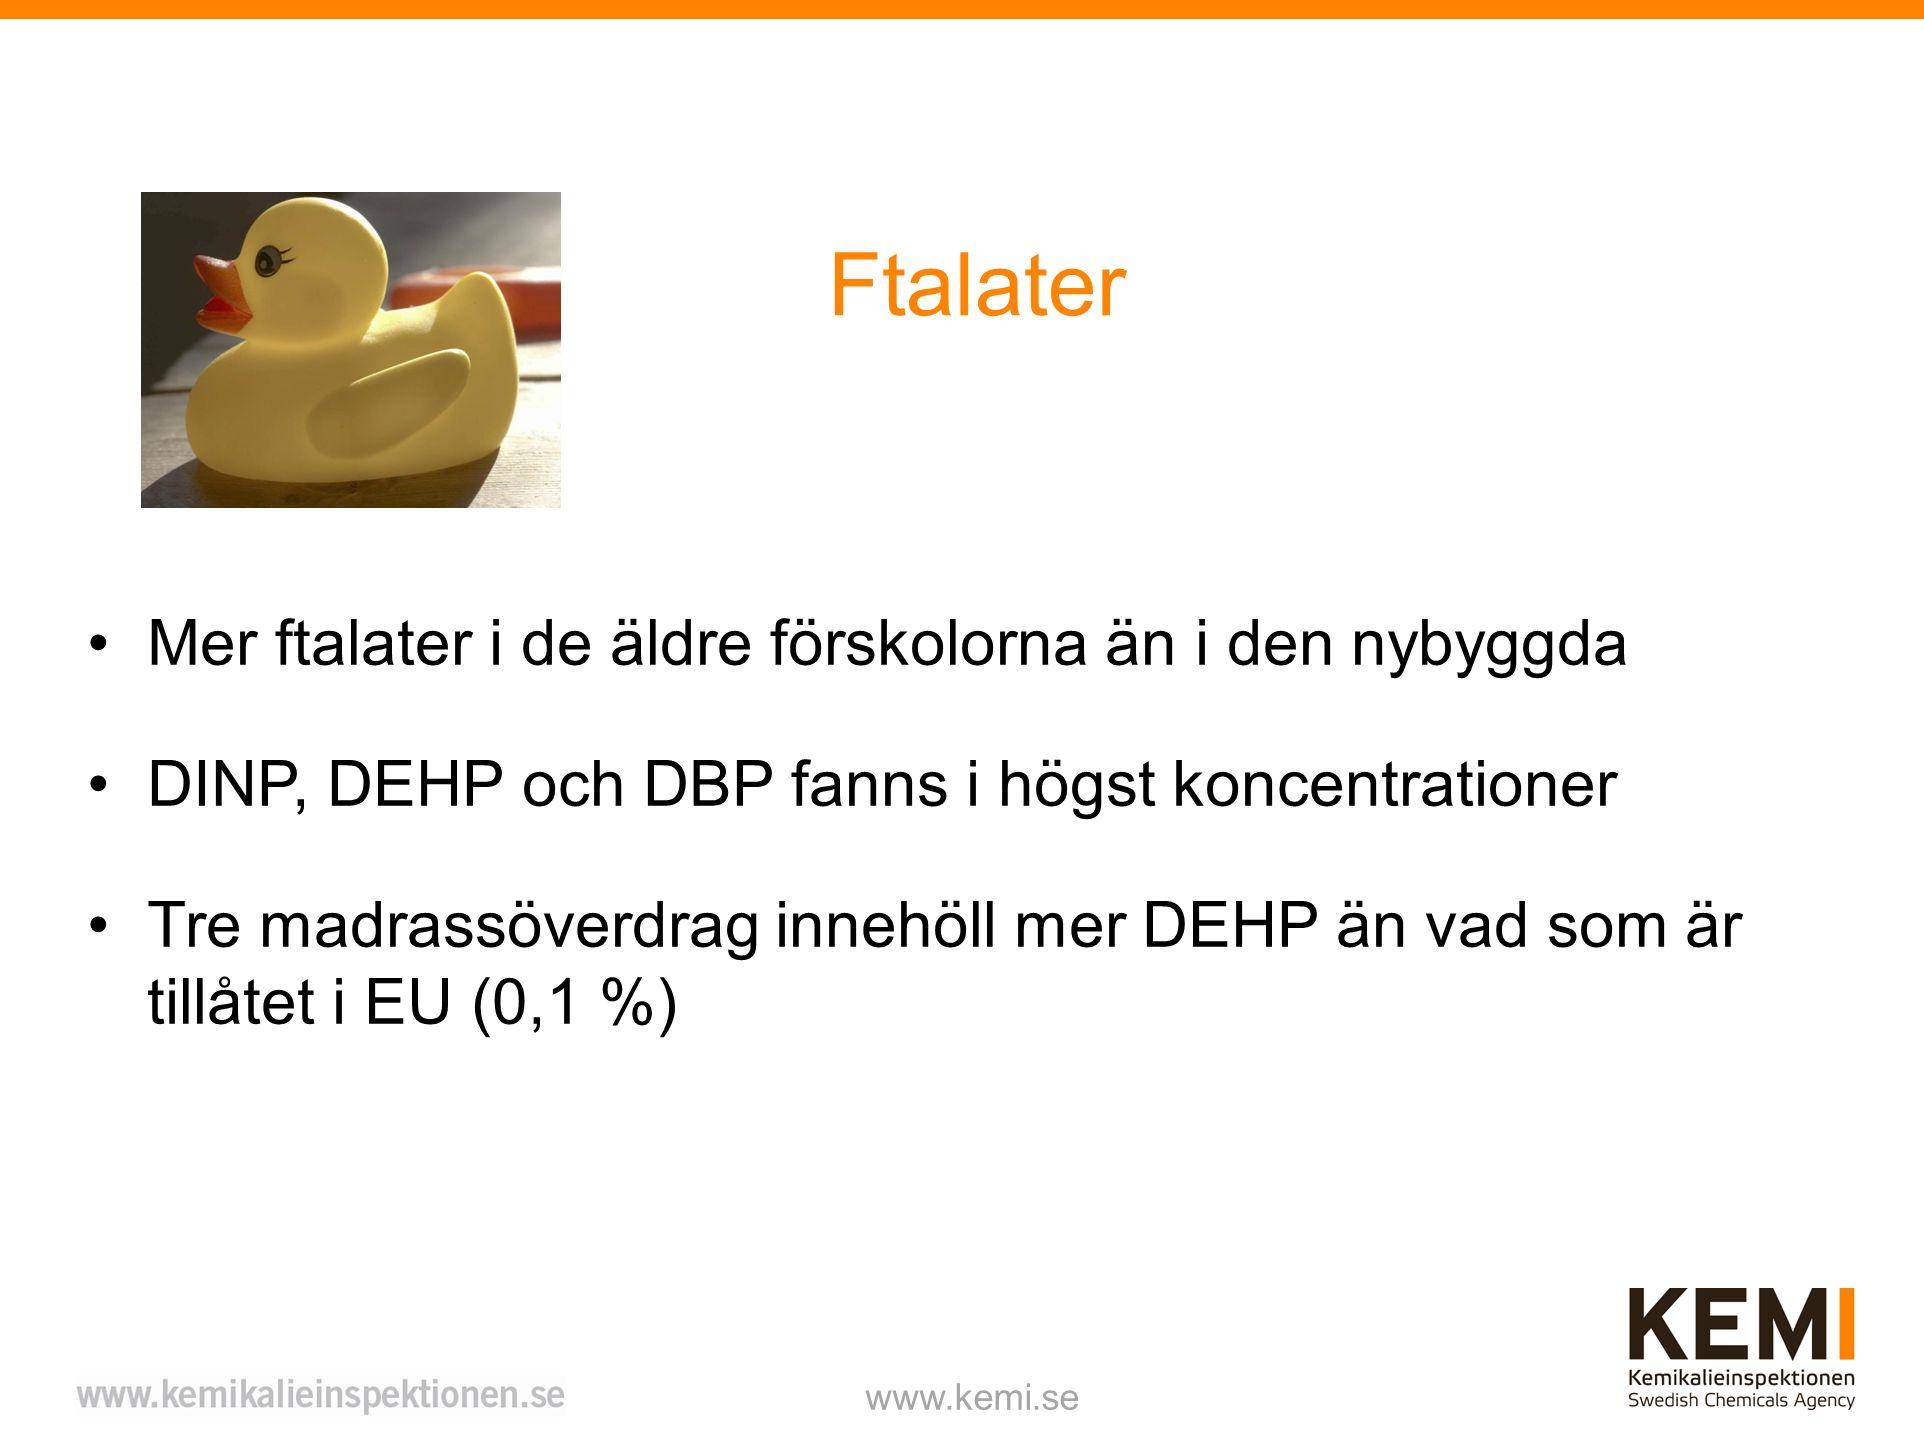 Ftalater www.kemi.se Mer ftalater i de äldre förskolorna än i den nybyggda DINP, DEHP och DBP fanns i högst koncentrationer Tre madrassöverdrag innehöll mer DEHP än vad som är tillåtet i EU (0,1 %)